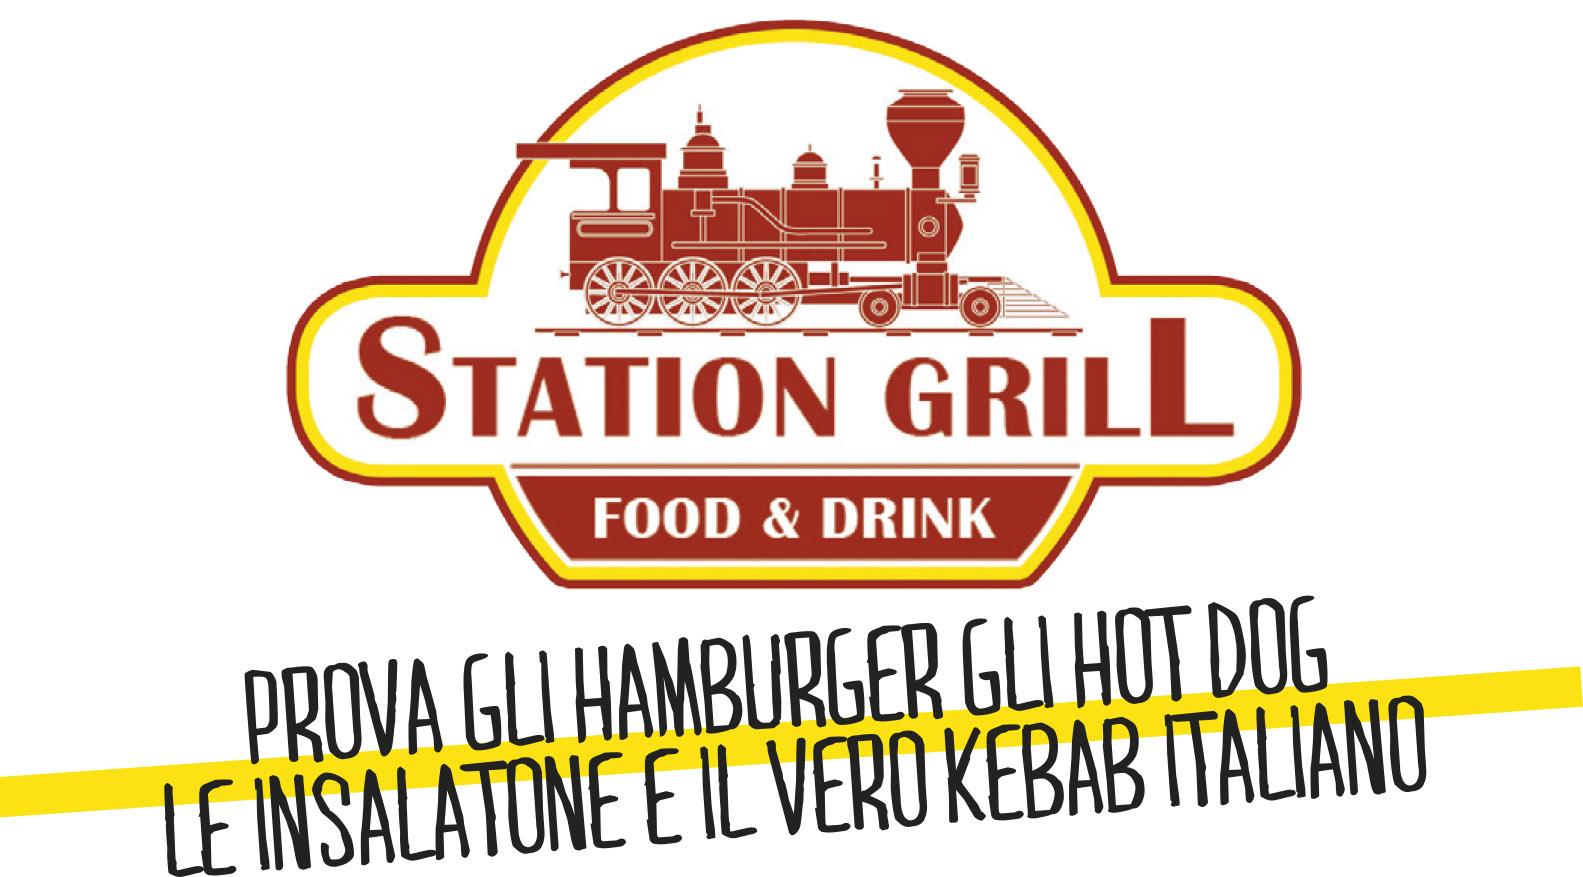 visita station grill